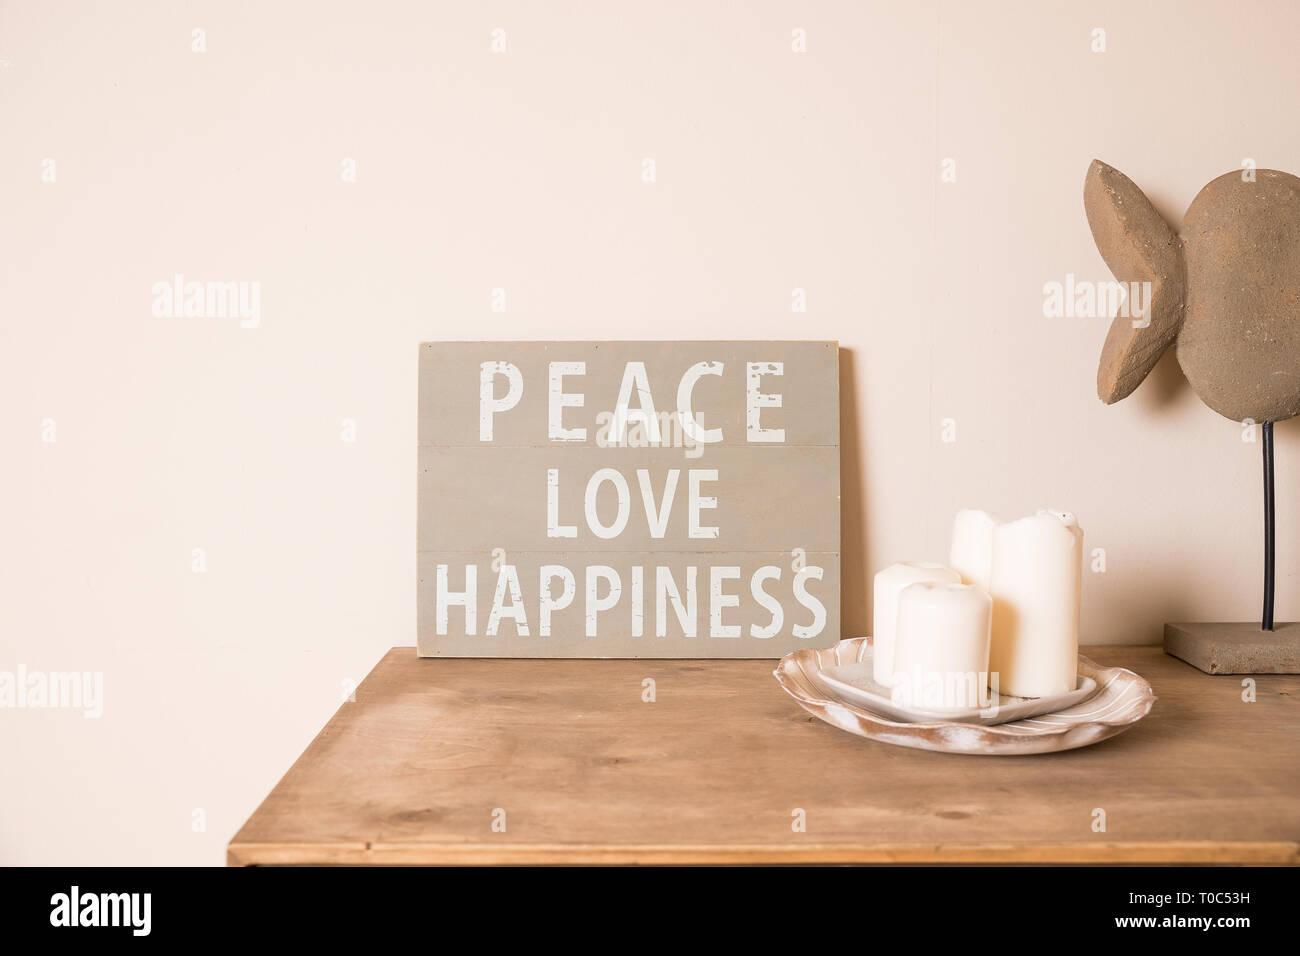 Habitación de estilo escandinavo hipster interior. Junta de humor. Antigua junta rayado ,cita la paz, el amor, la felicidad. Velas blancas,pot con suculentas.rústico Foto de stock